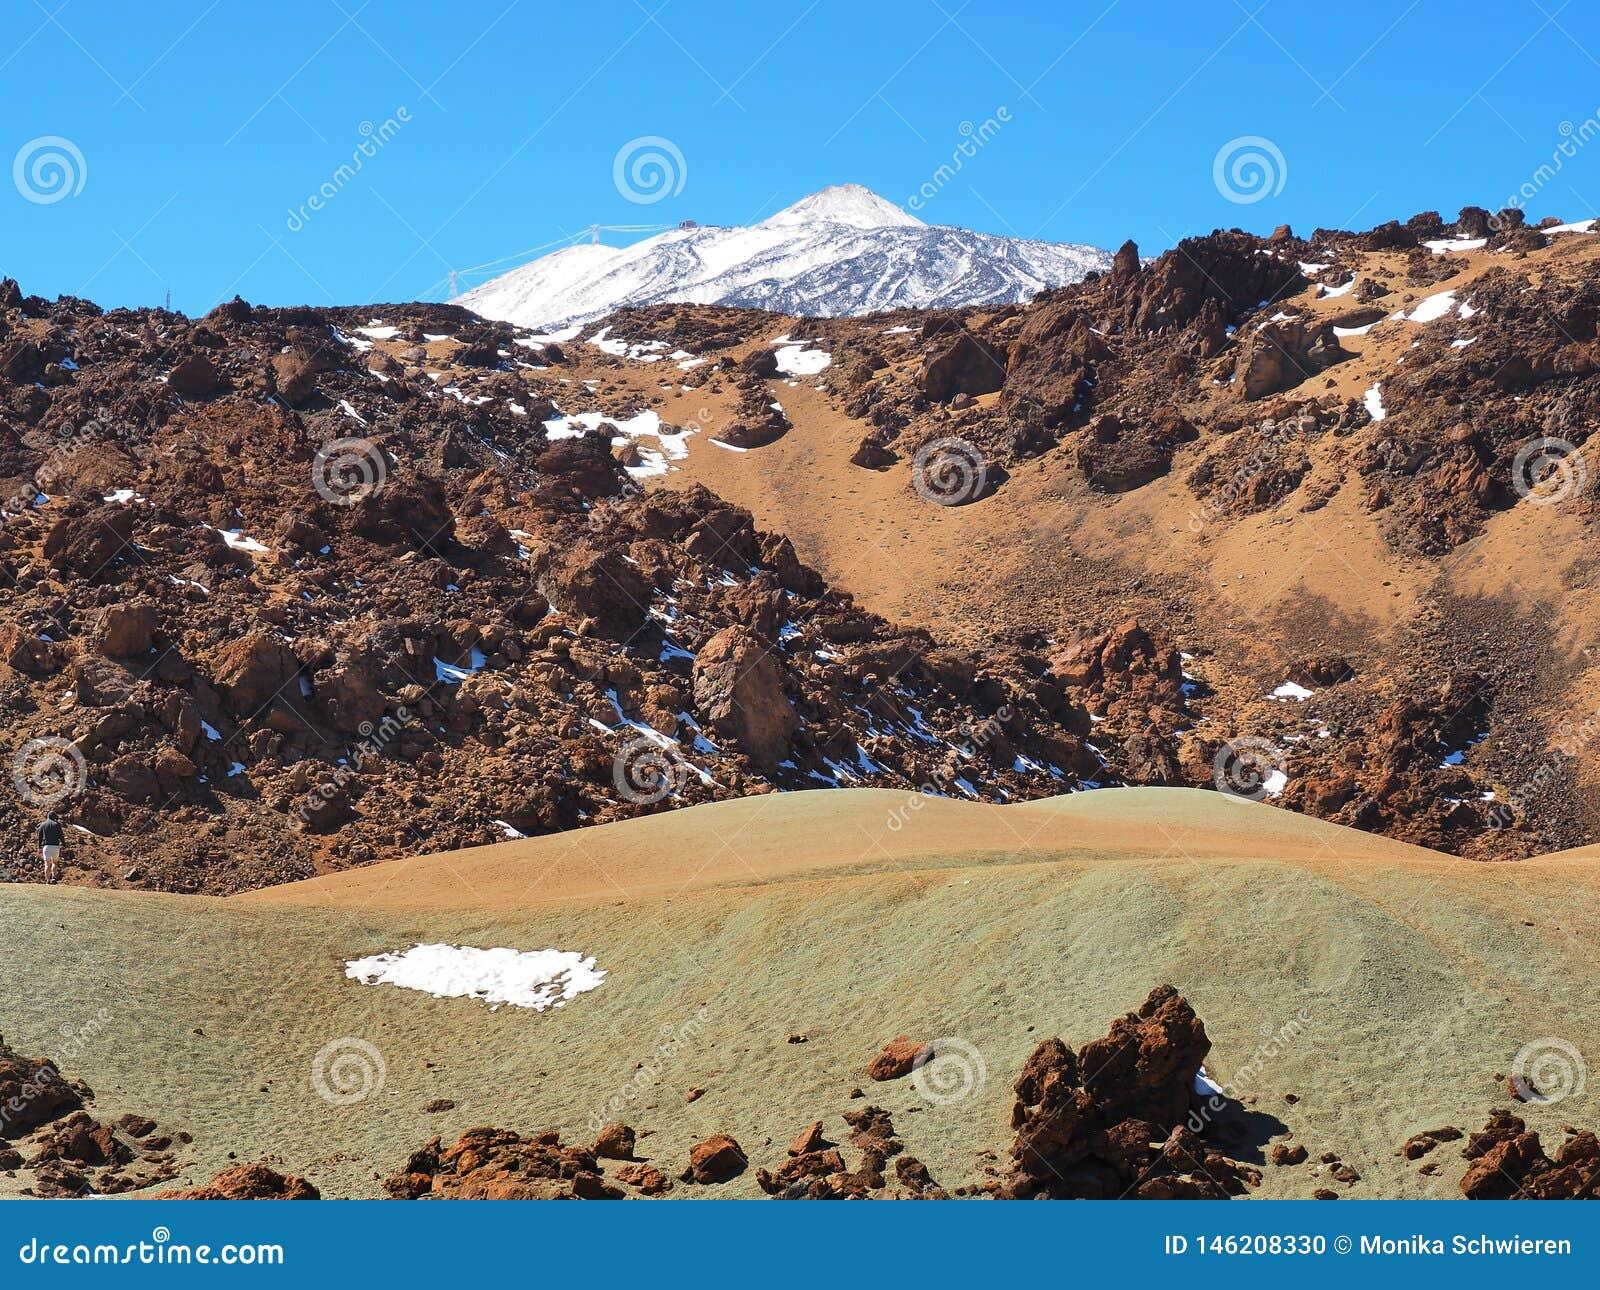 Nationalpark Teide, Ansicht von der Wüste auf den Schneegezeiten